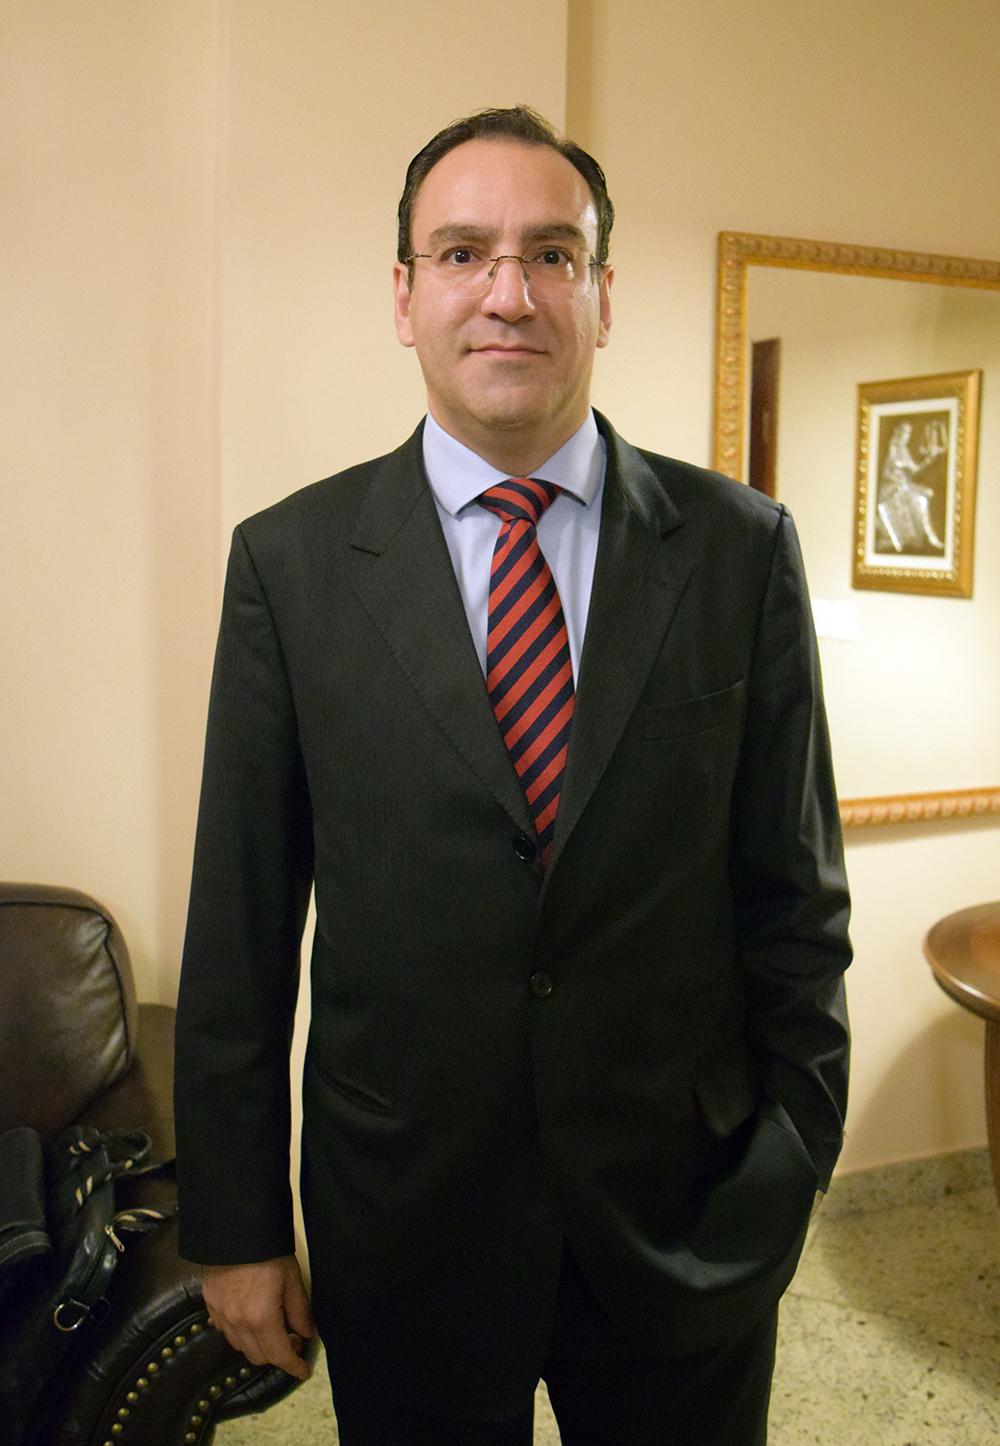 Elton Pupo Nogueira, juiz da 6ª Vara da Fazenda Estadual de Belo Horizonte.